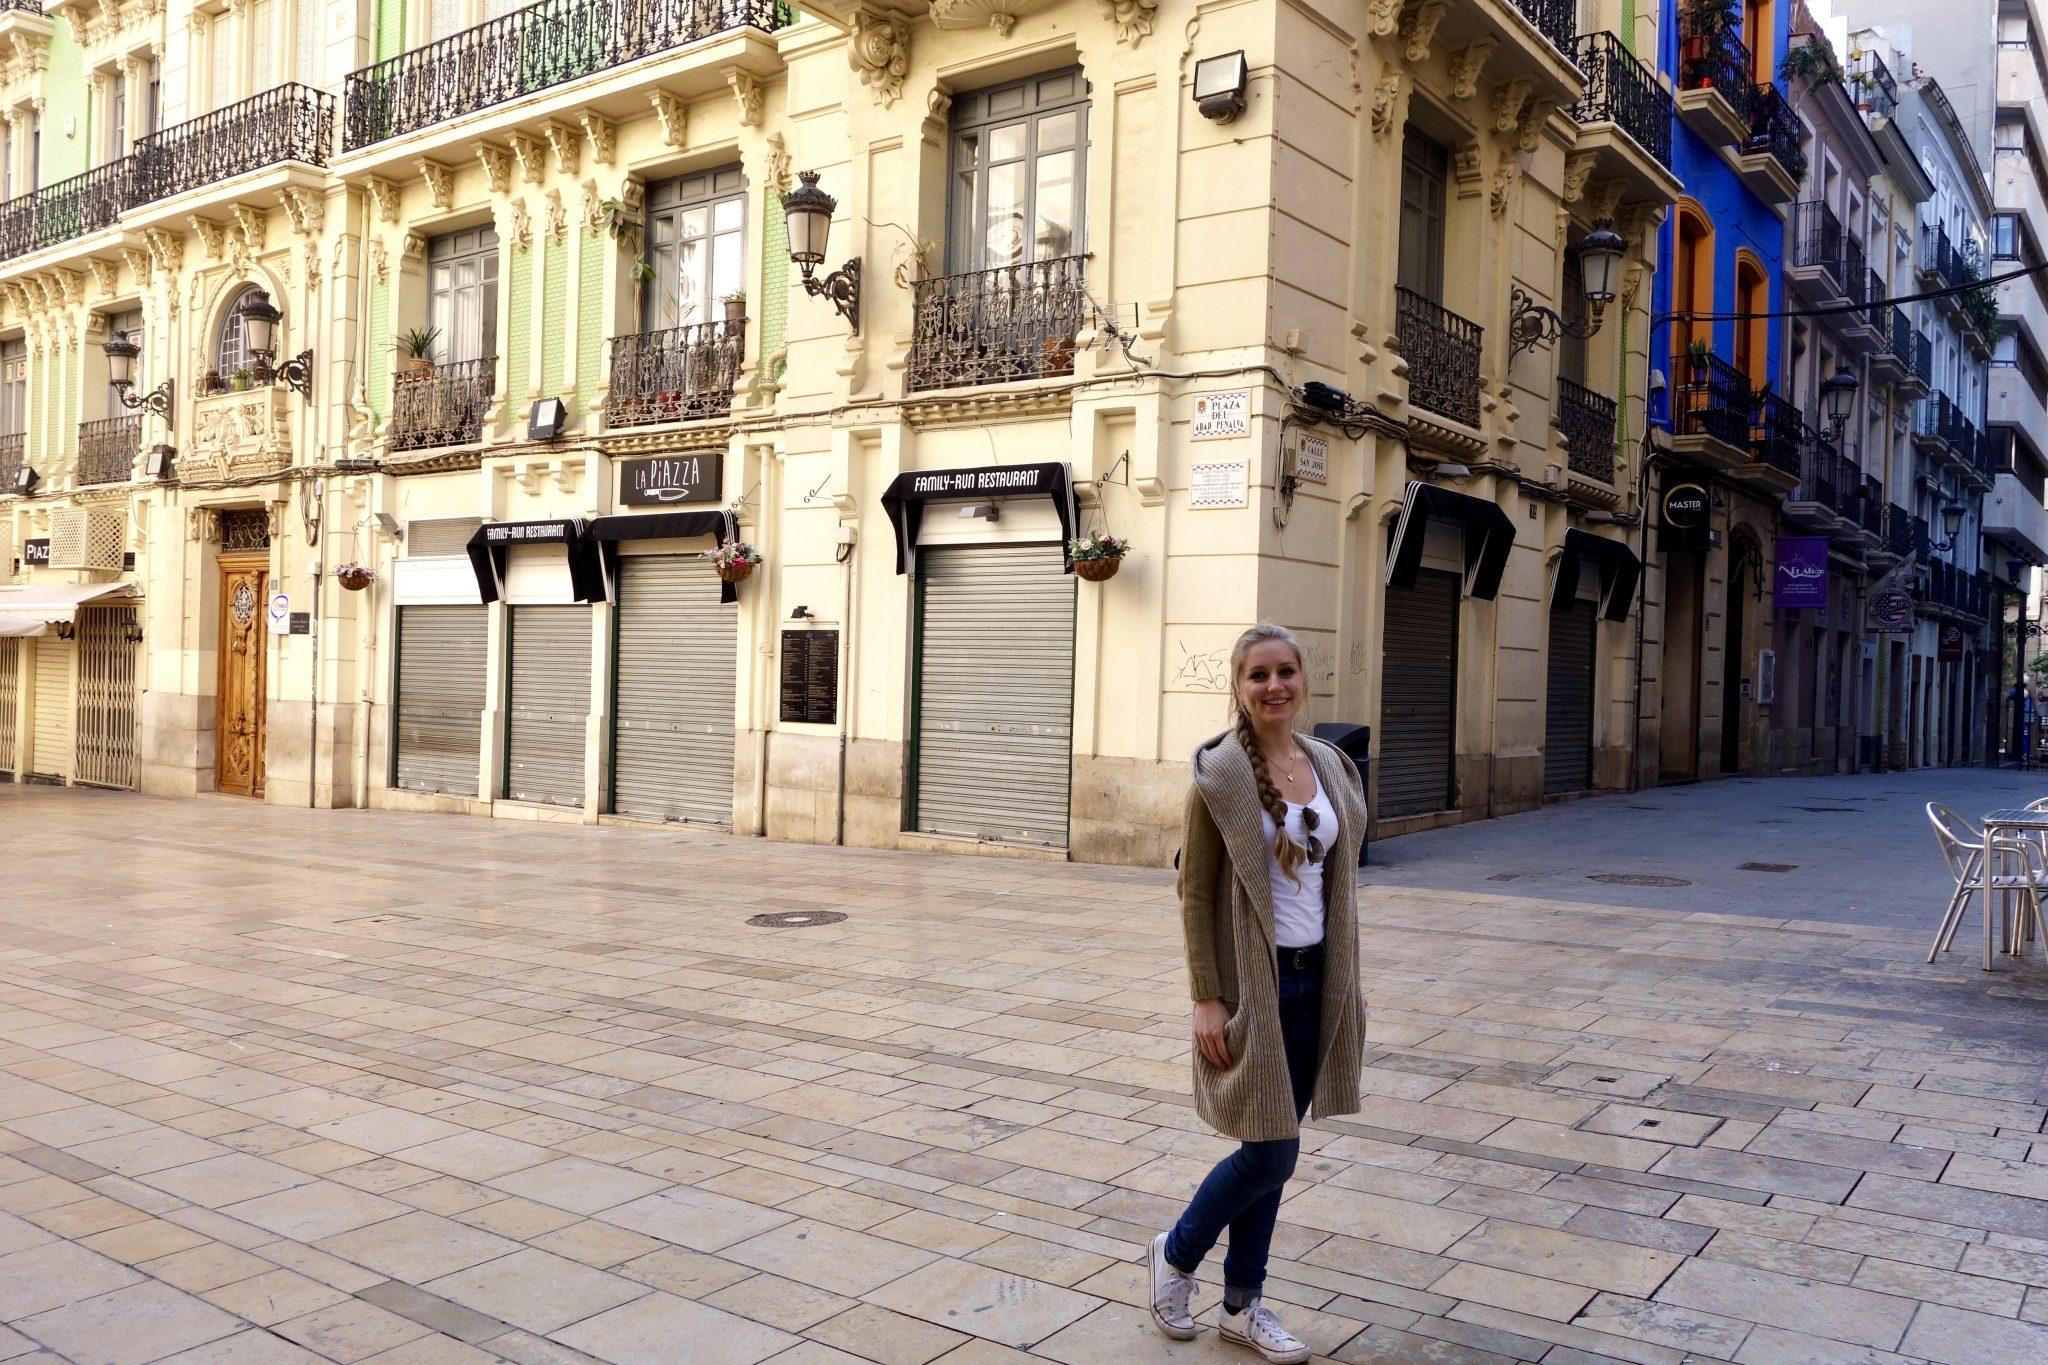 Alicante, Altstadt: Morgens und Mittags waren wir komplett allein (könnte auch an der Jahreszeit liegen?)